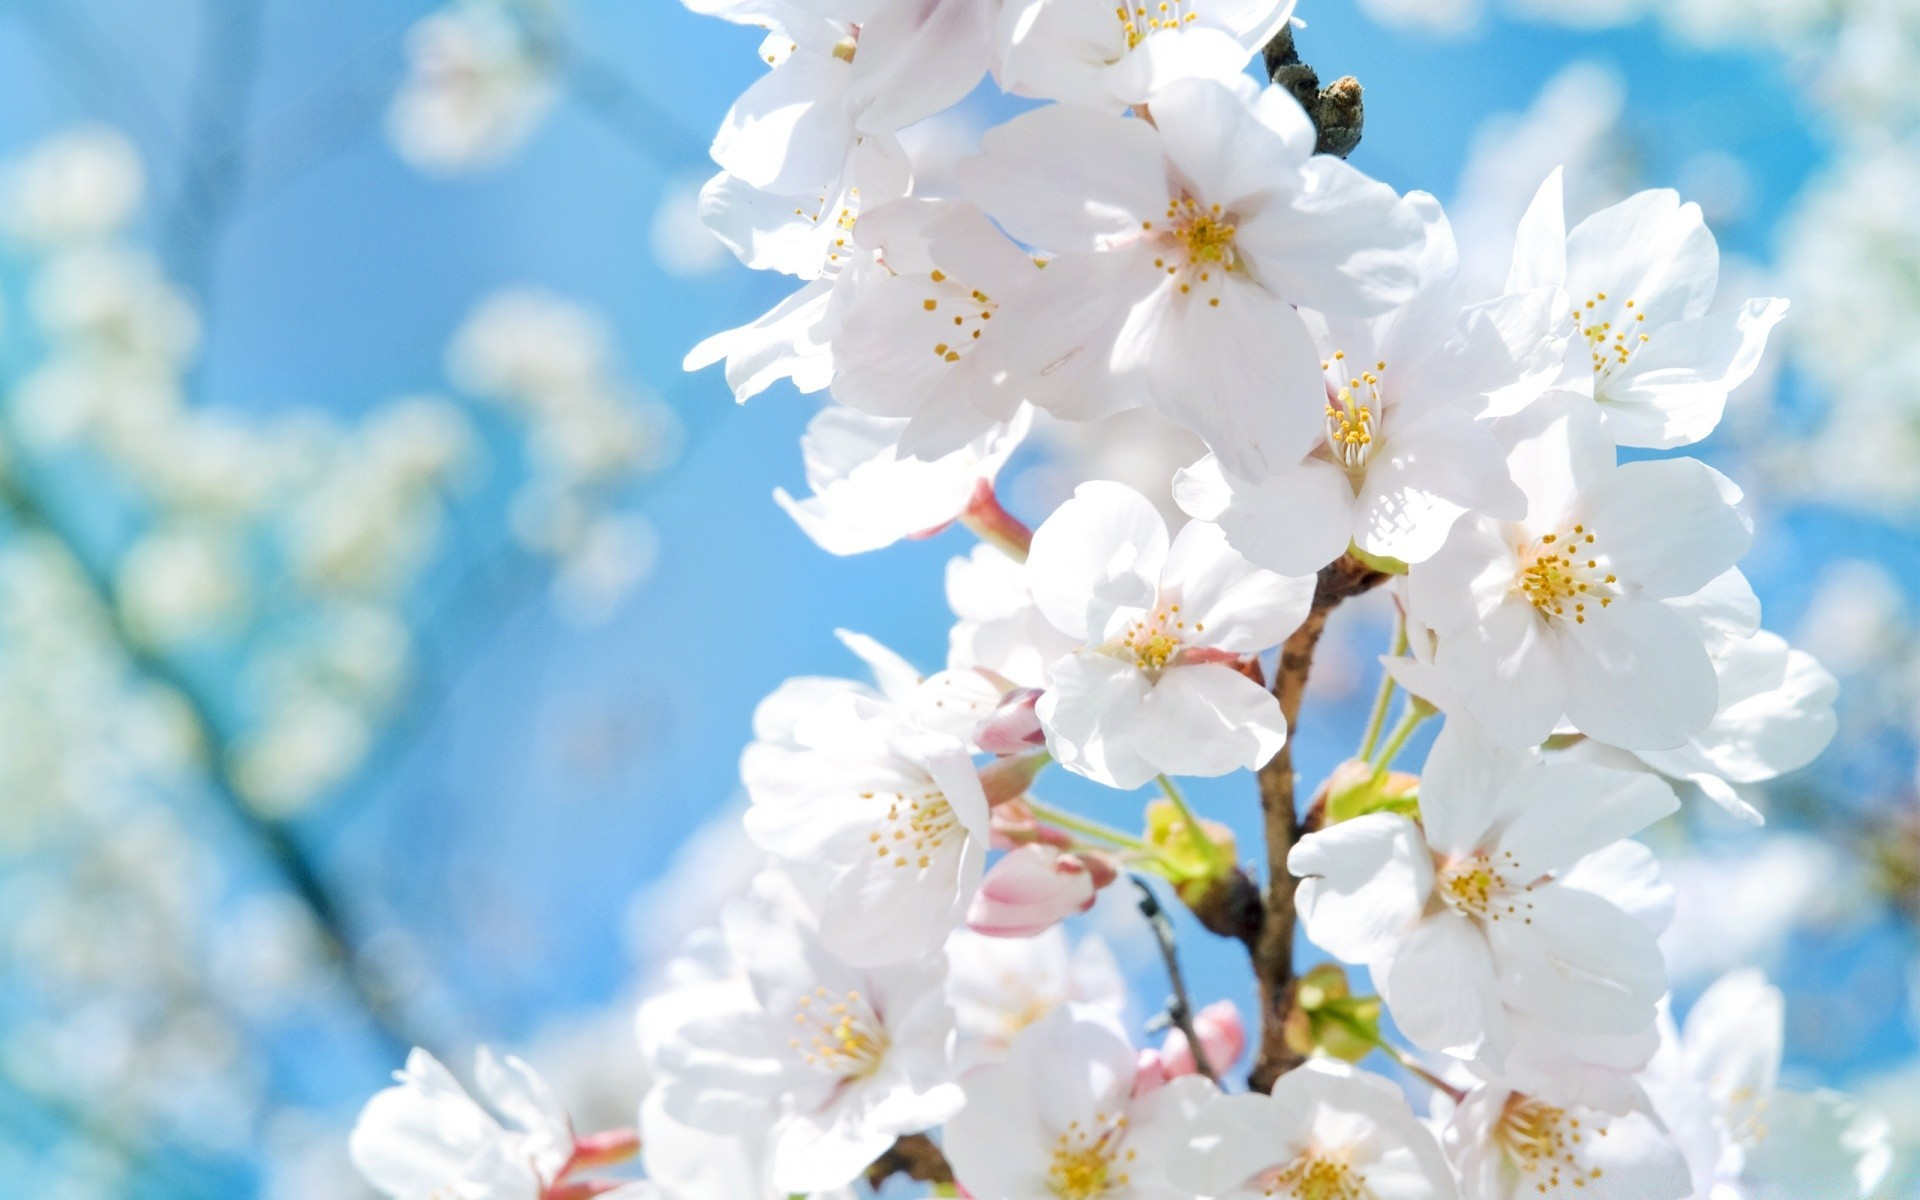 весна фото обои для мобильника это